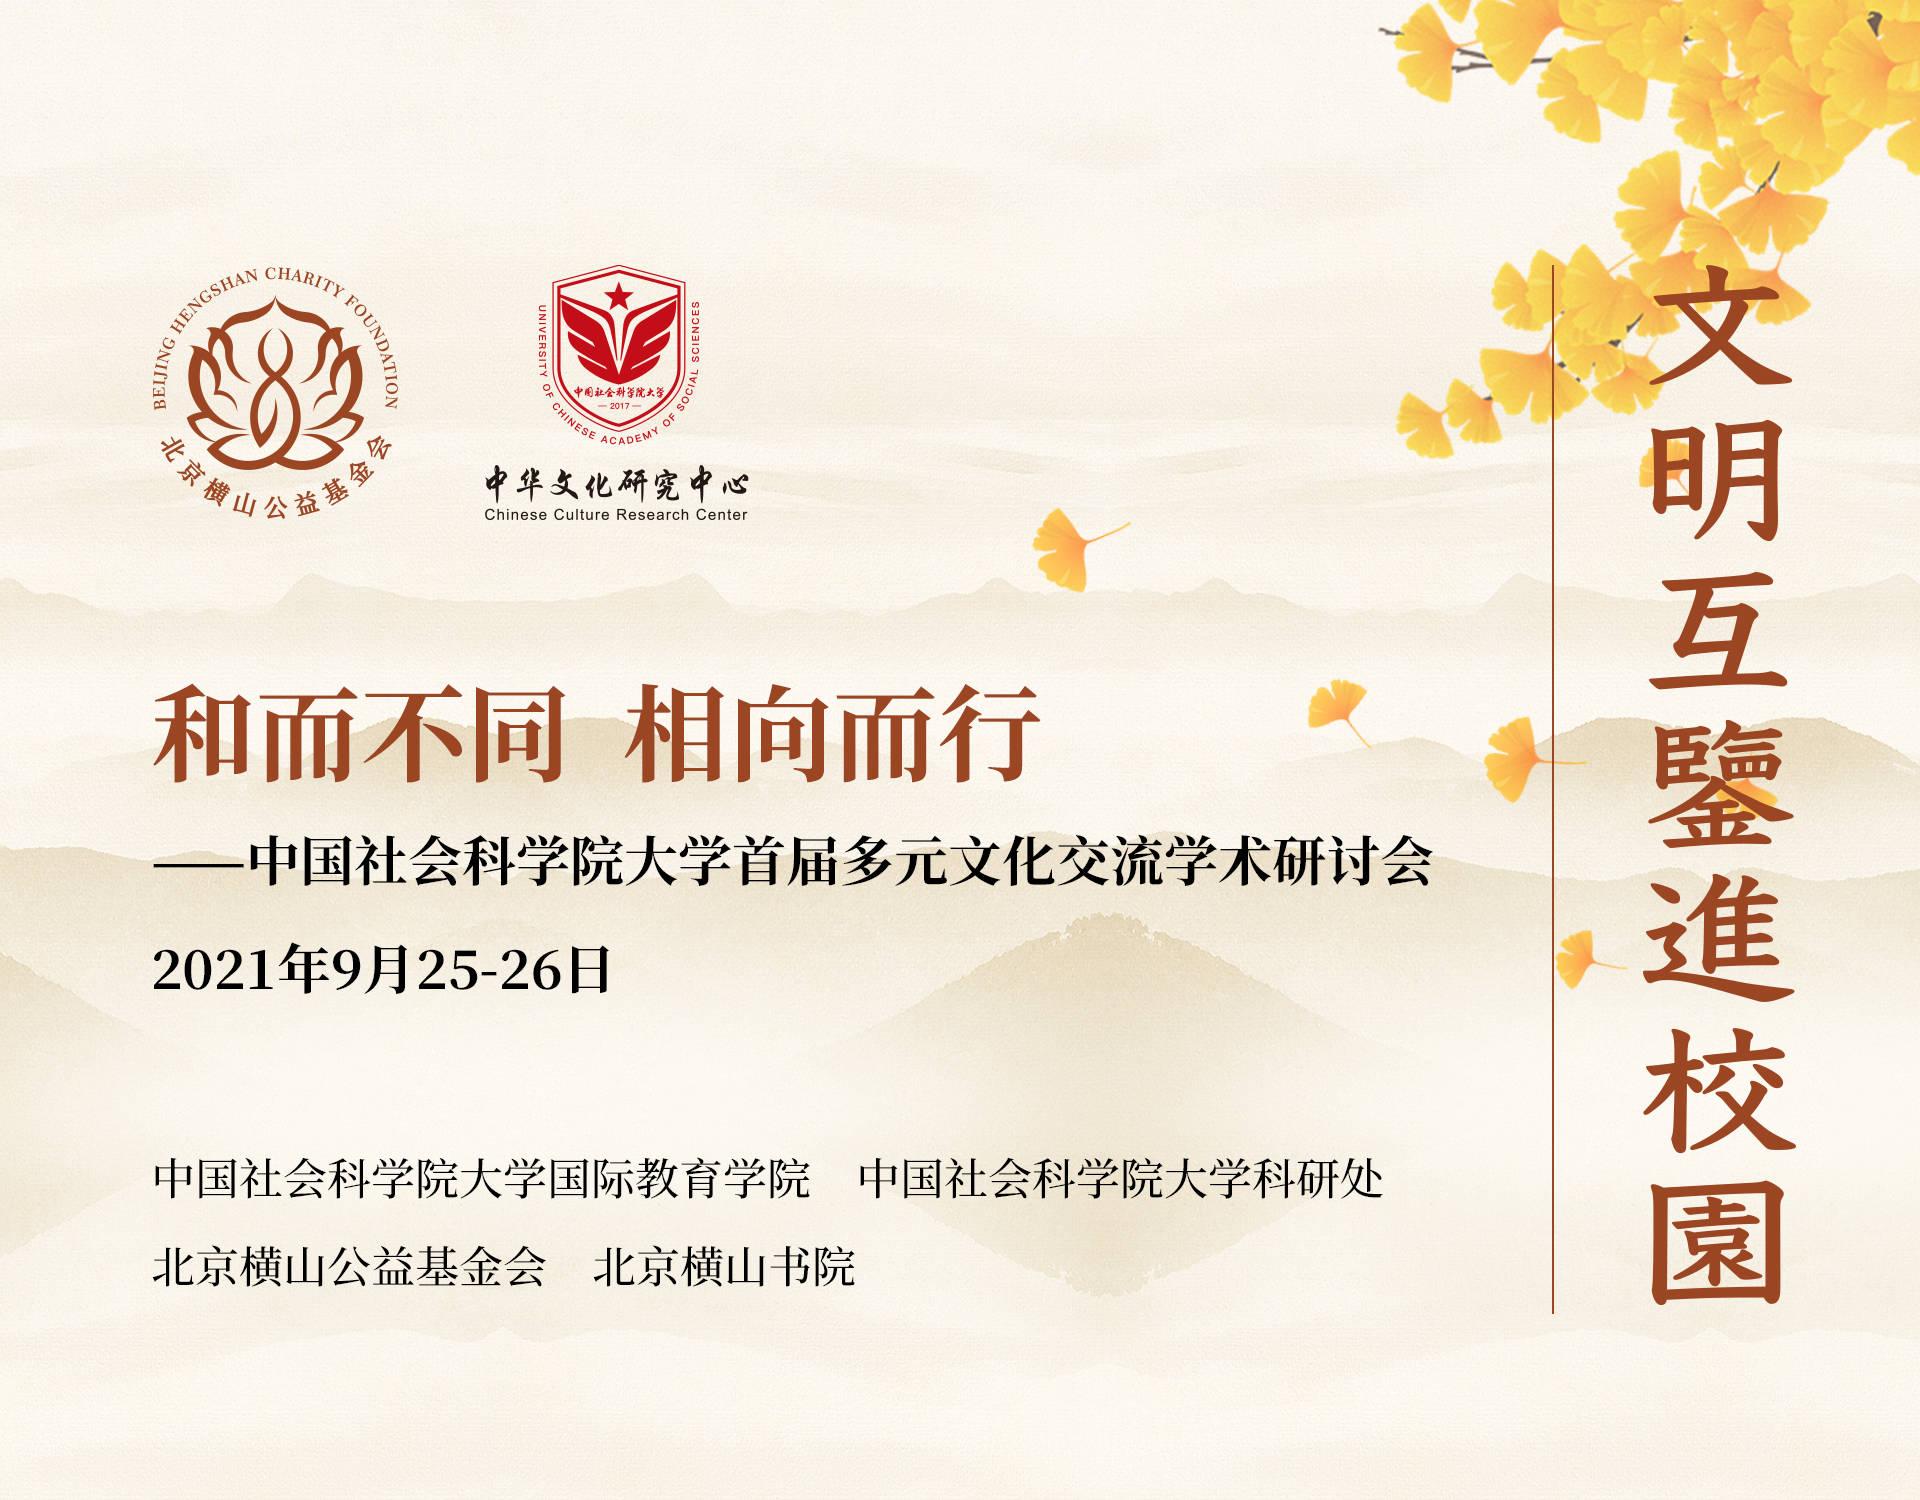 中国社会科学院大学首届多元文化学术交流会成功举办